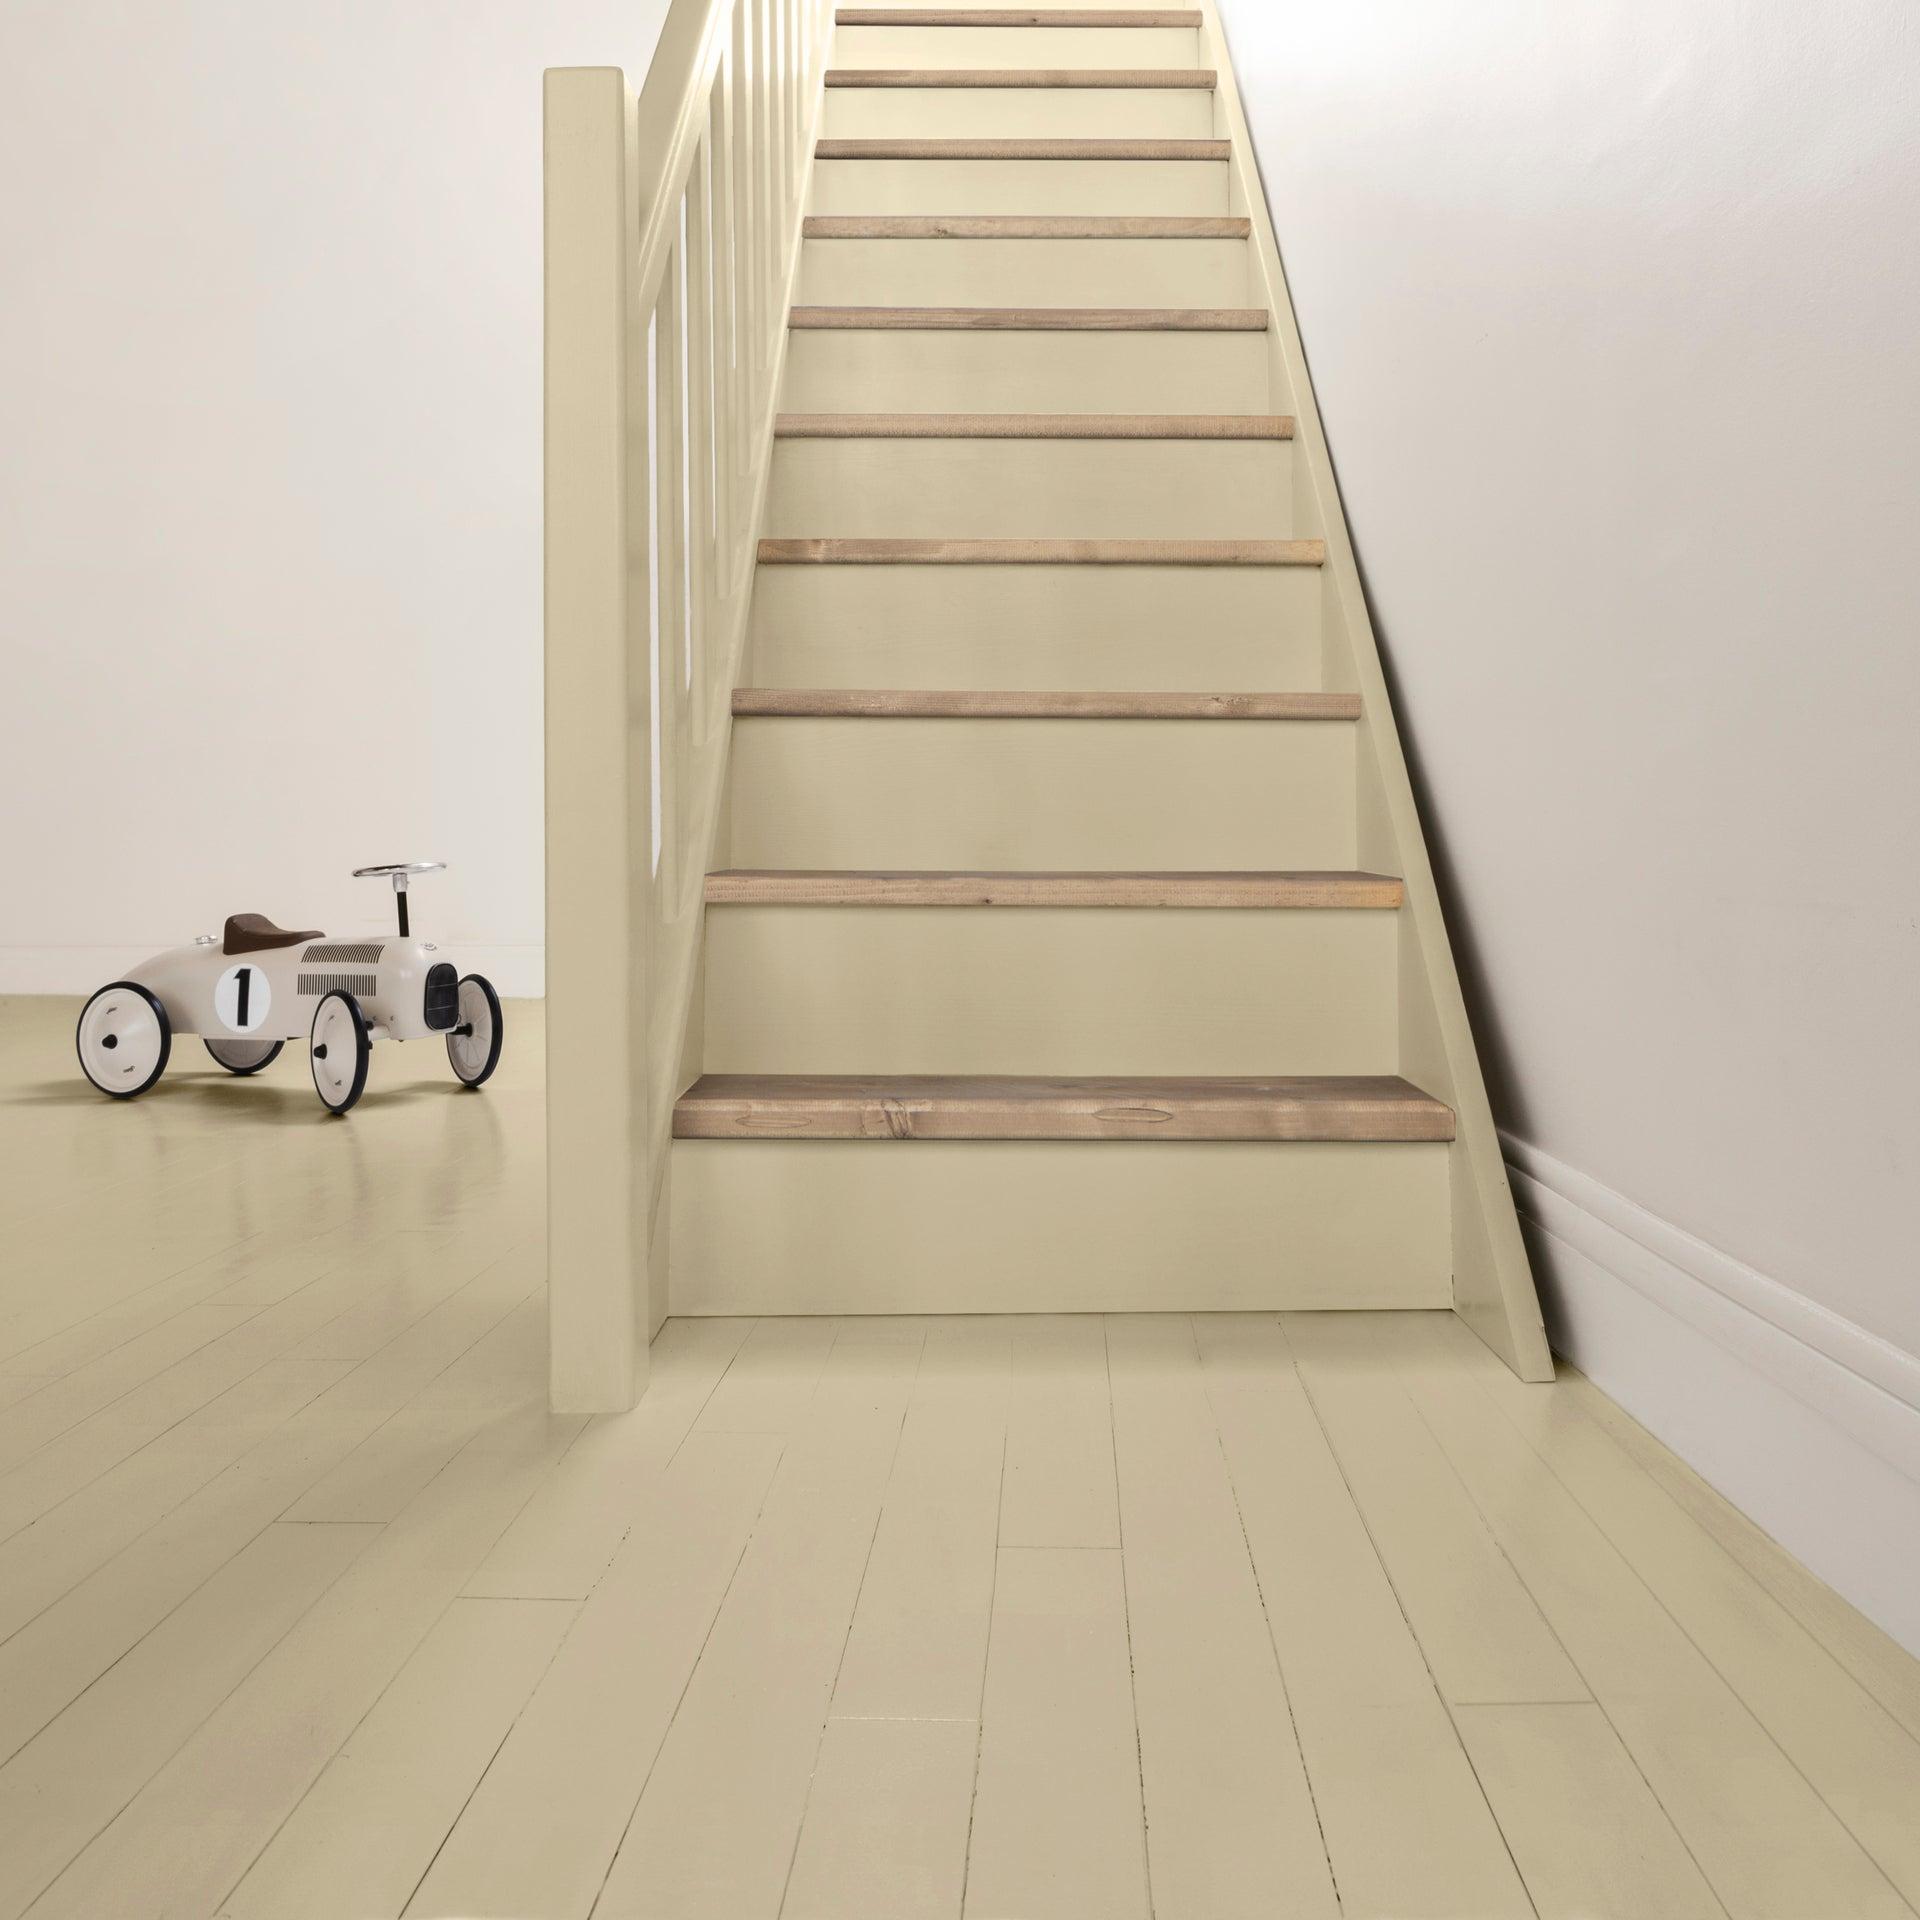 Peinture sol intérieur Parquet escalier décolab® V110, beige ficelle, 10.10 l